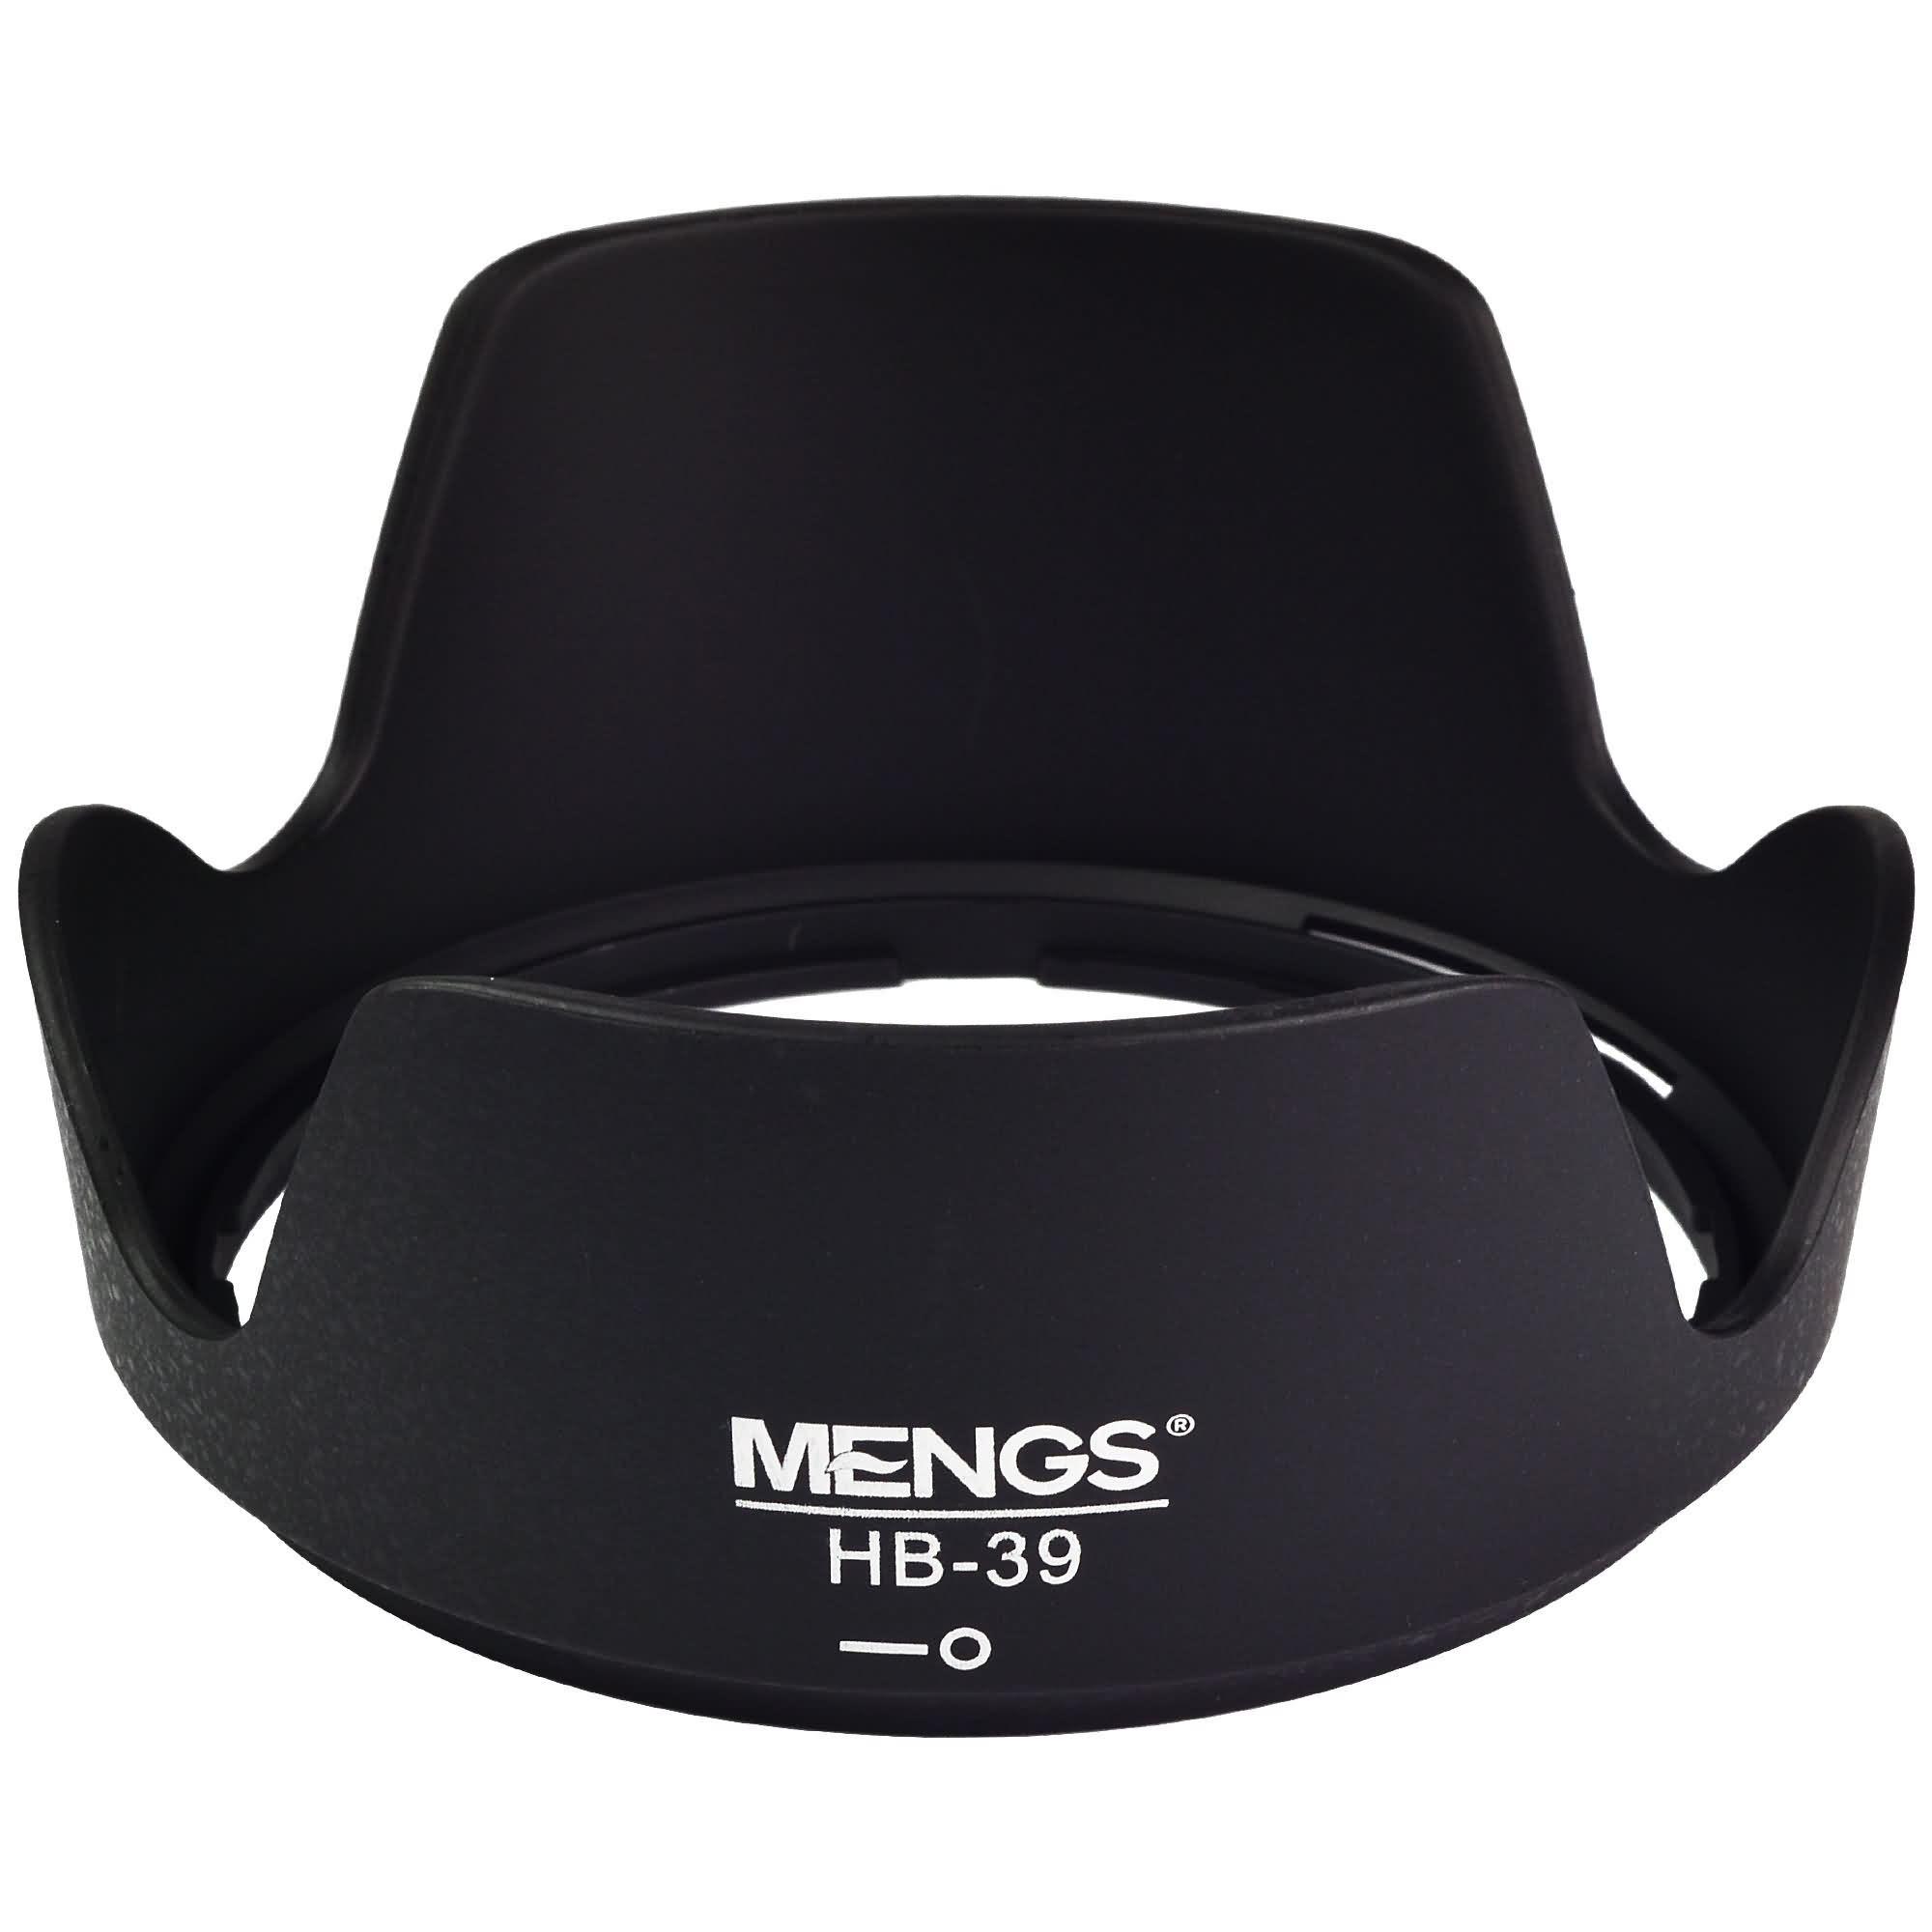 MENGS® HB-39 Petal Shape Lens Hood for Nikon AF-S DX 16-85mm f/3.5-5.6G ED VR